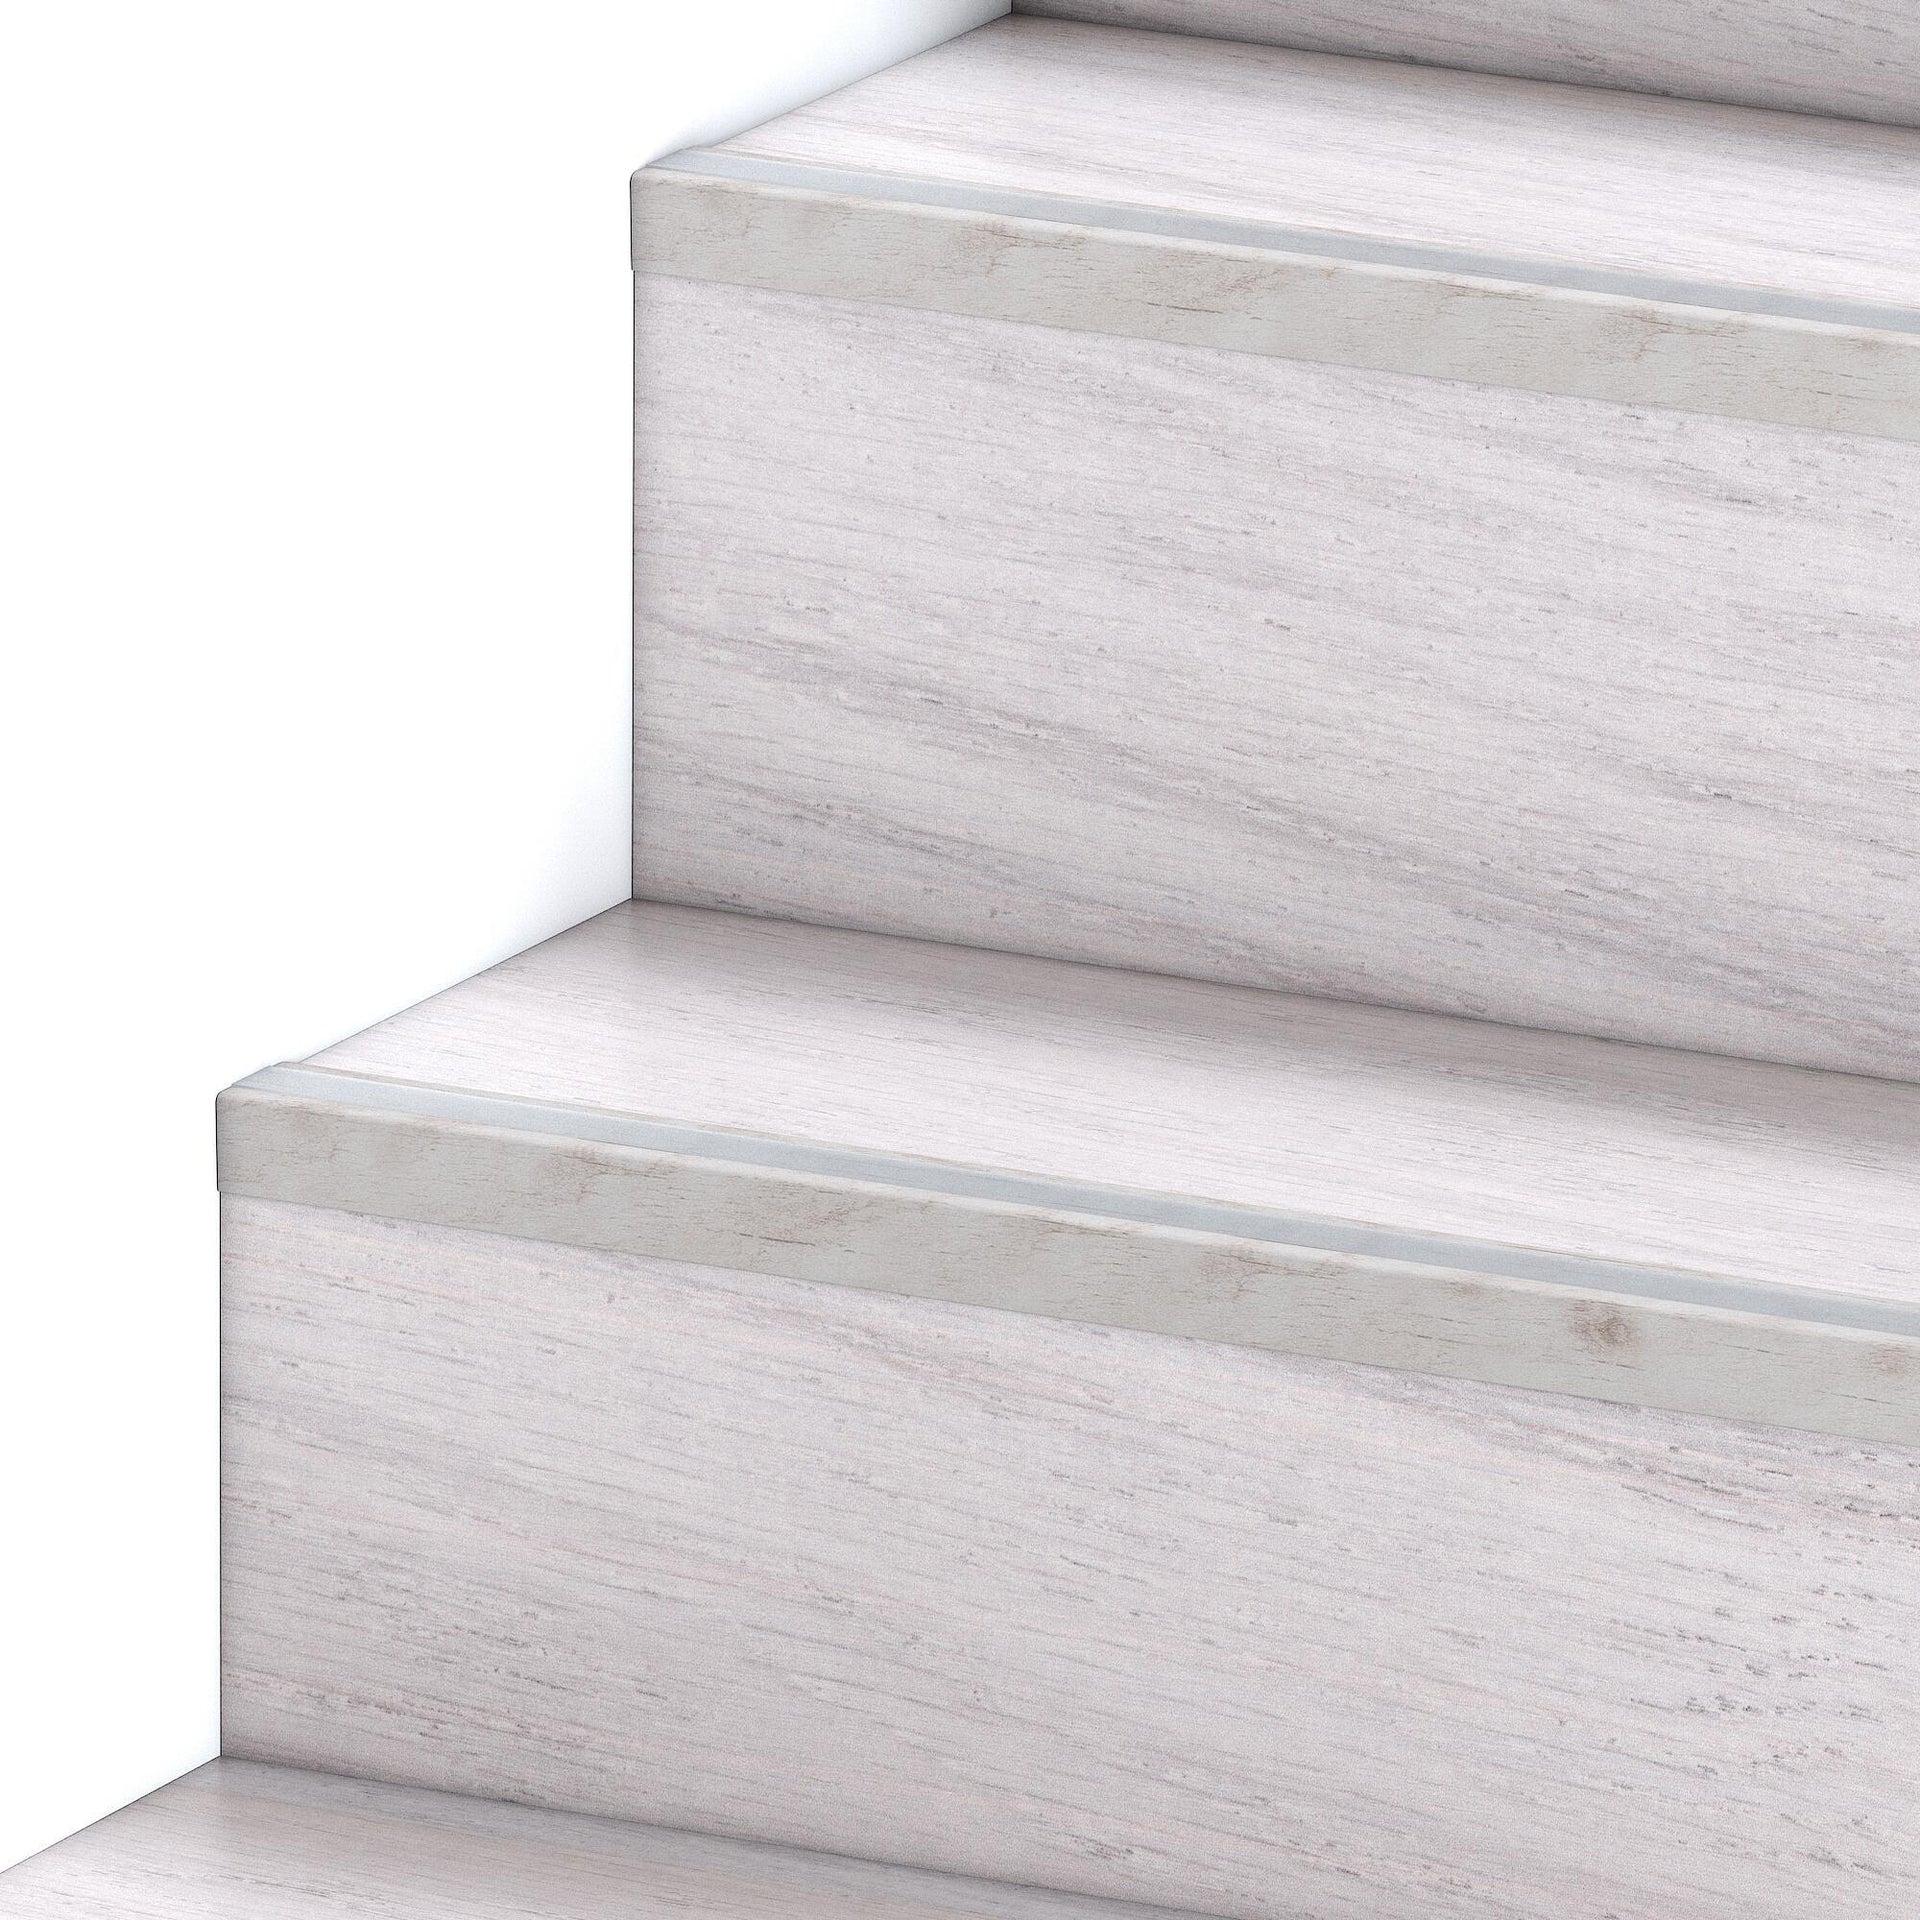 Profilo soglia simple-fix 38 36 mm x 95 cm - 1